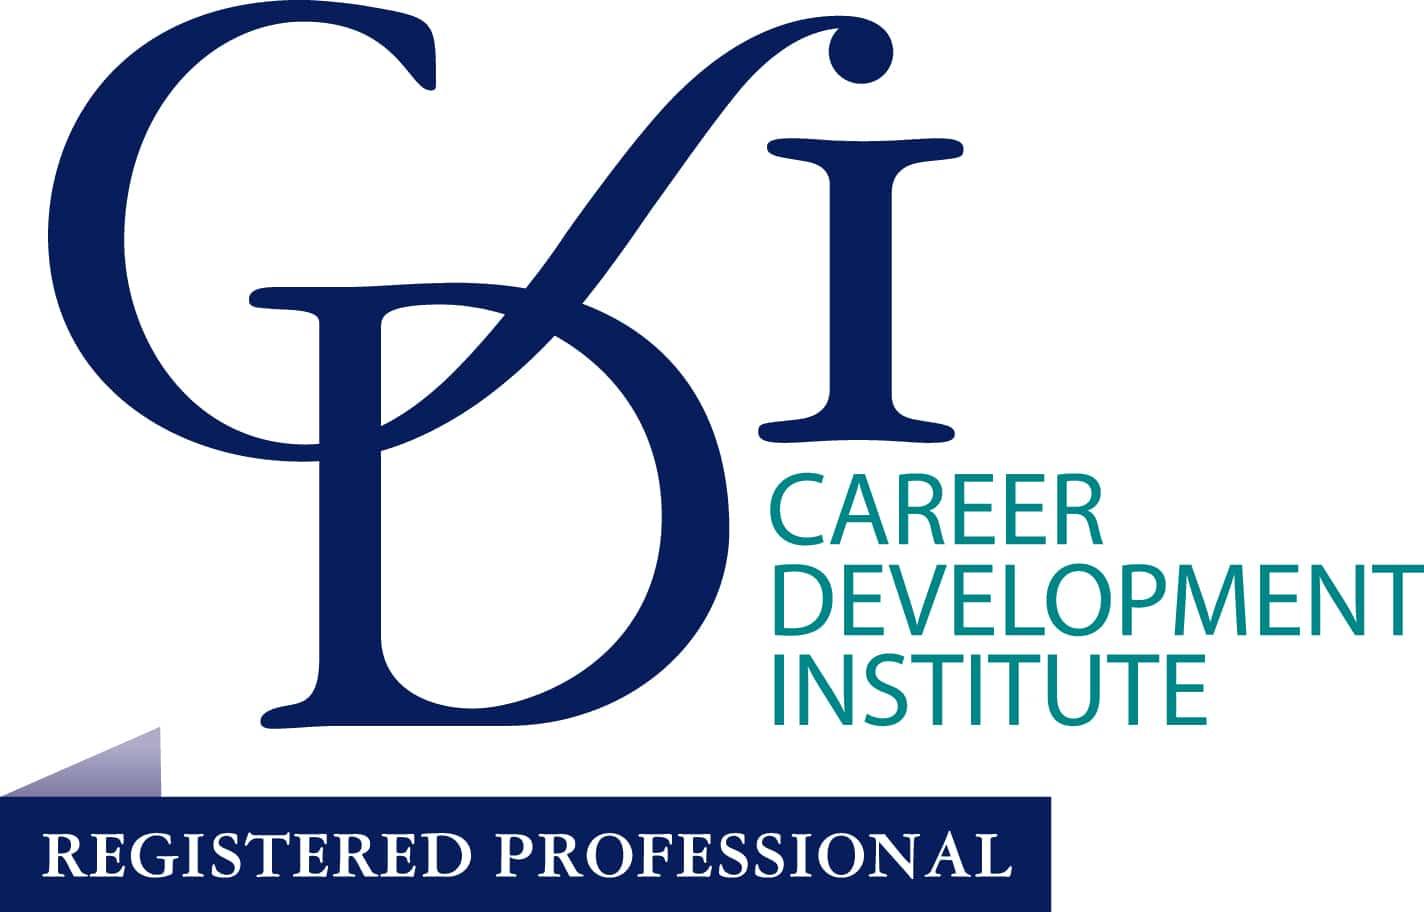 Career Development Institute